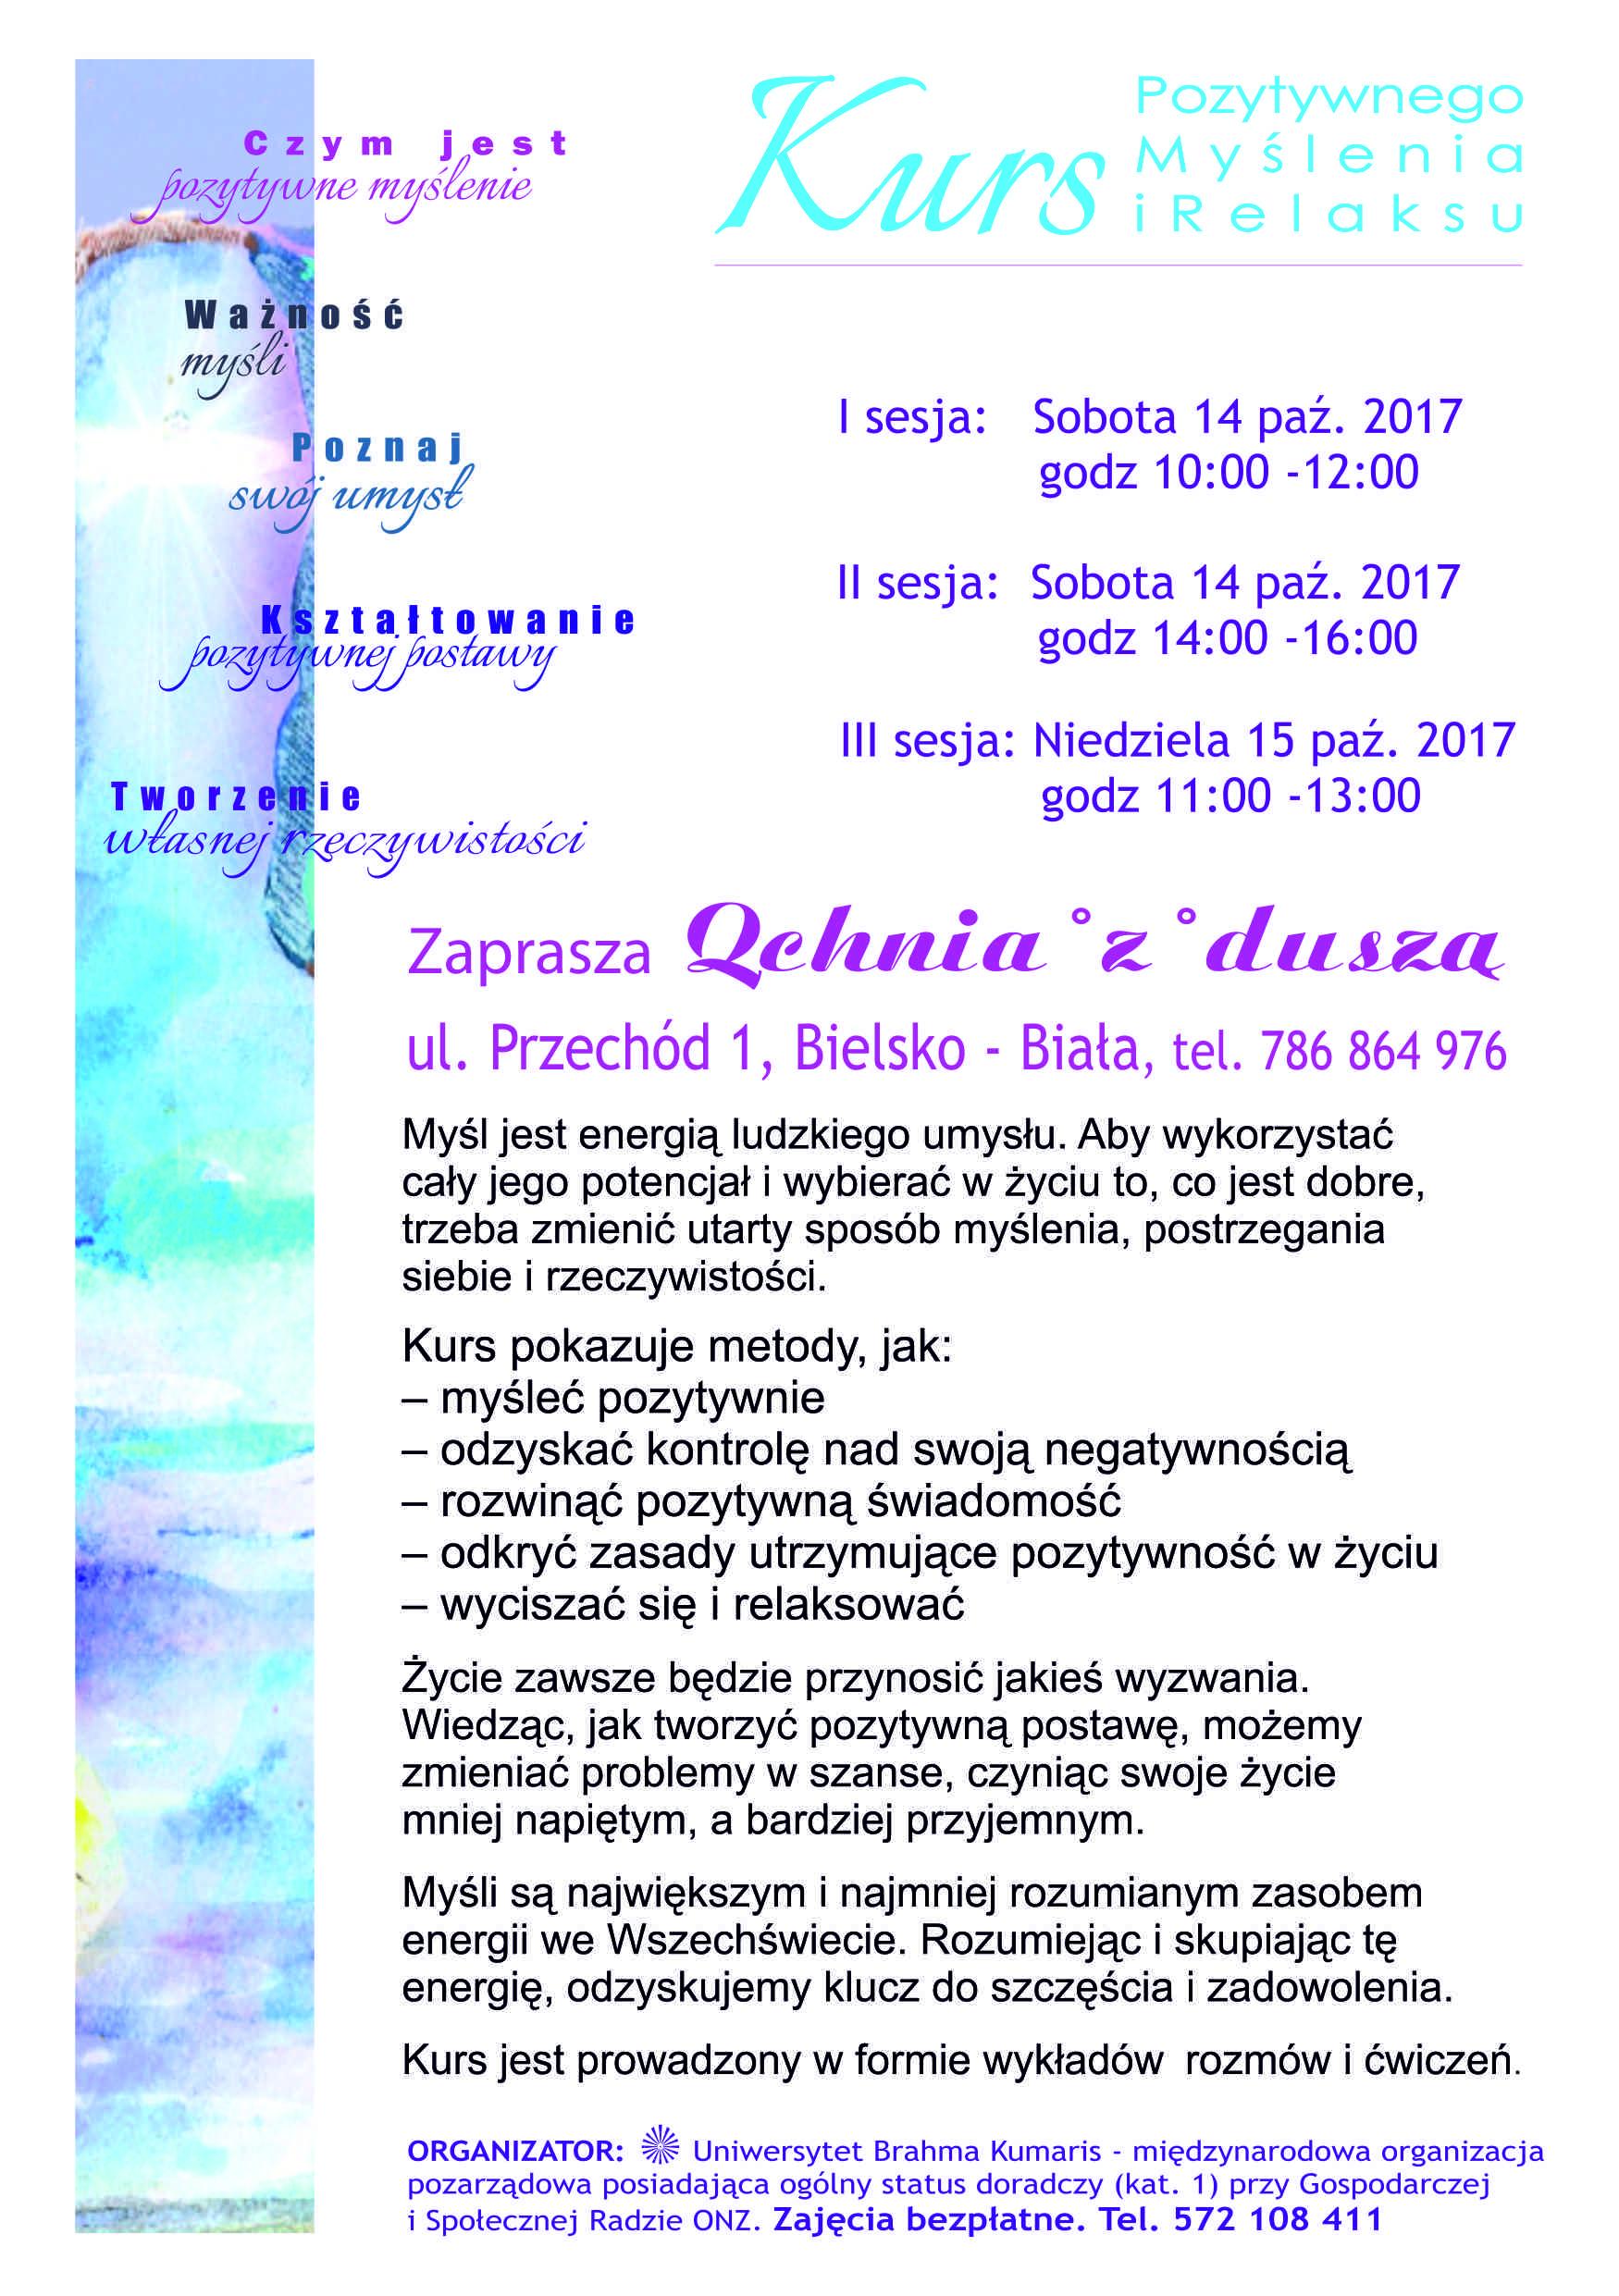 Kurs pozytywnego myślenia i relaksu w Bielsku-Białej. Sesja 1 @ Qchnia z duszą